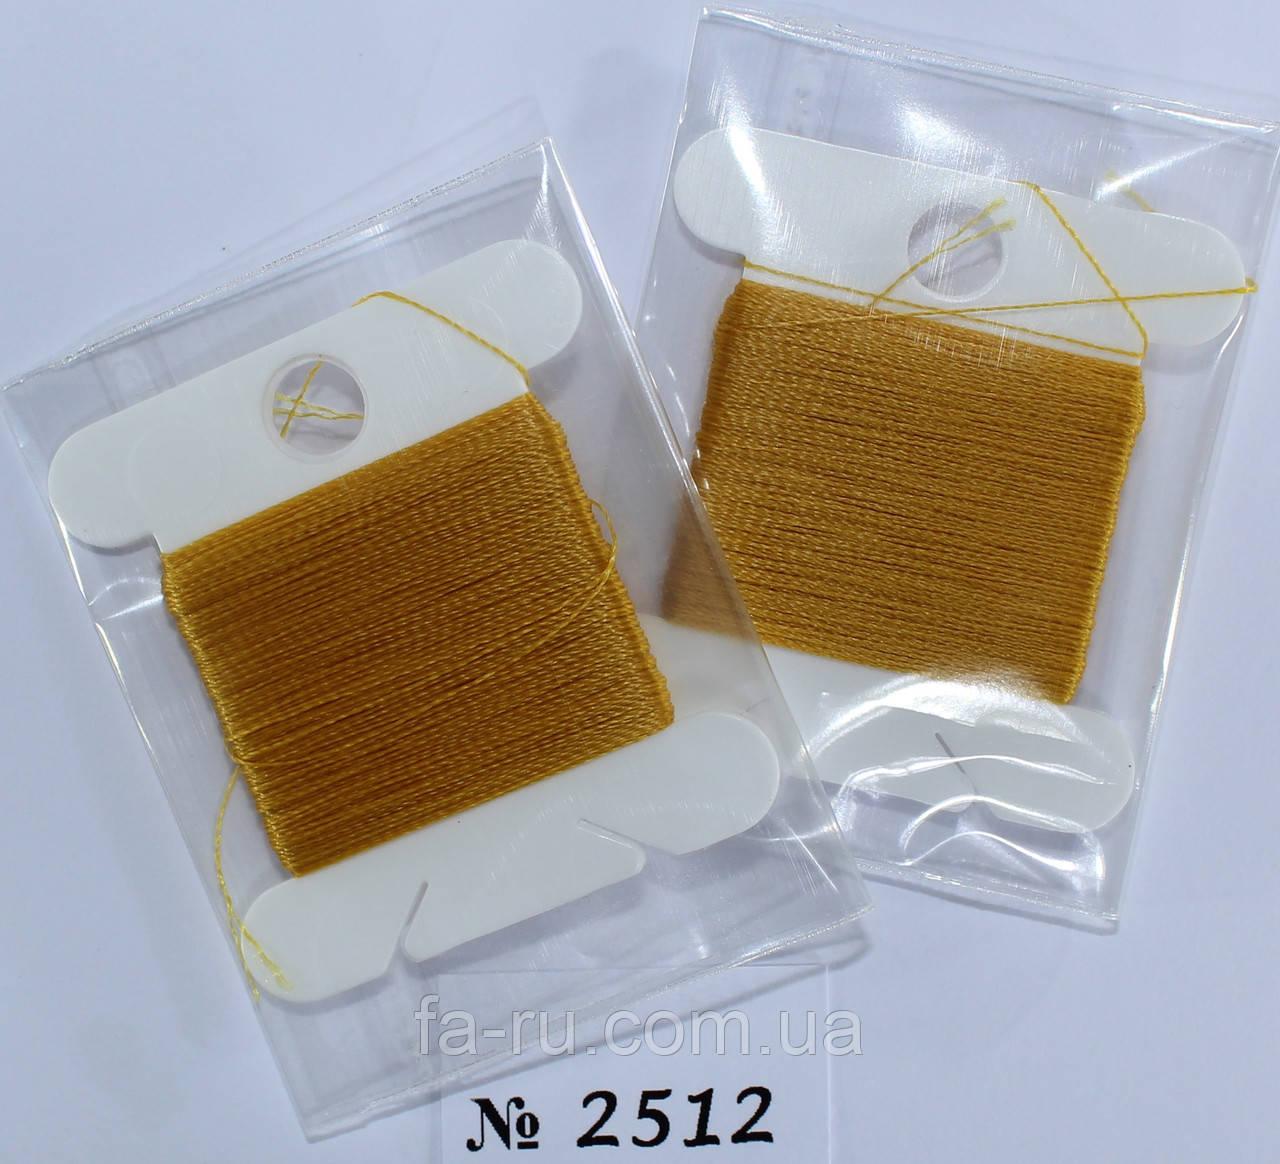 Нить для бисера TYTAN 100 №2512. Золотисто-желтый 30 м